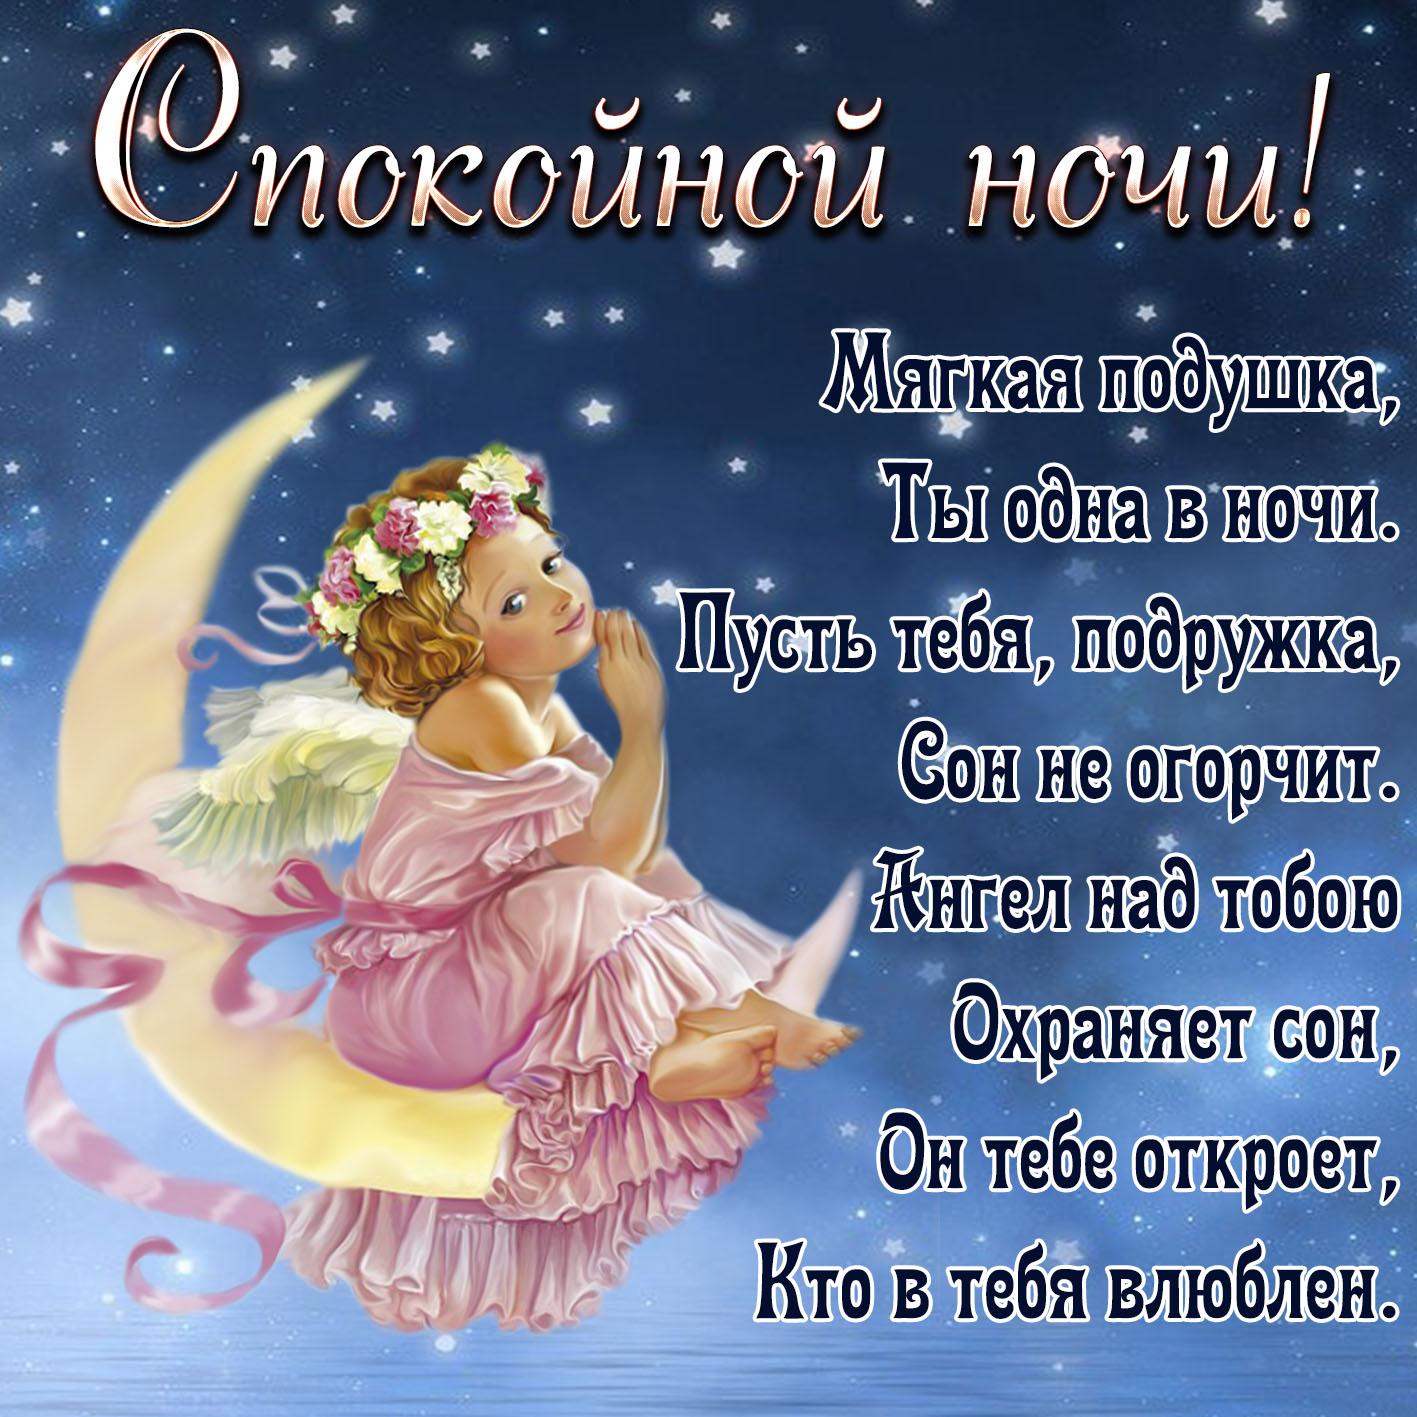 Открытка - ангел на луне желает спокойной ночи